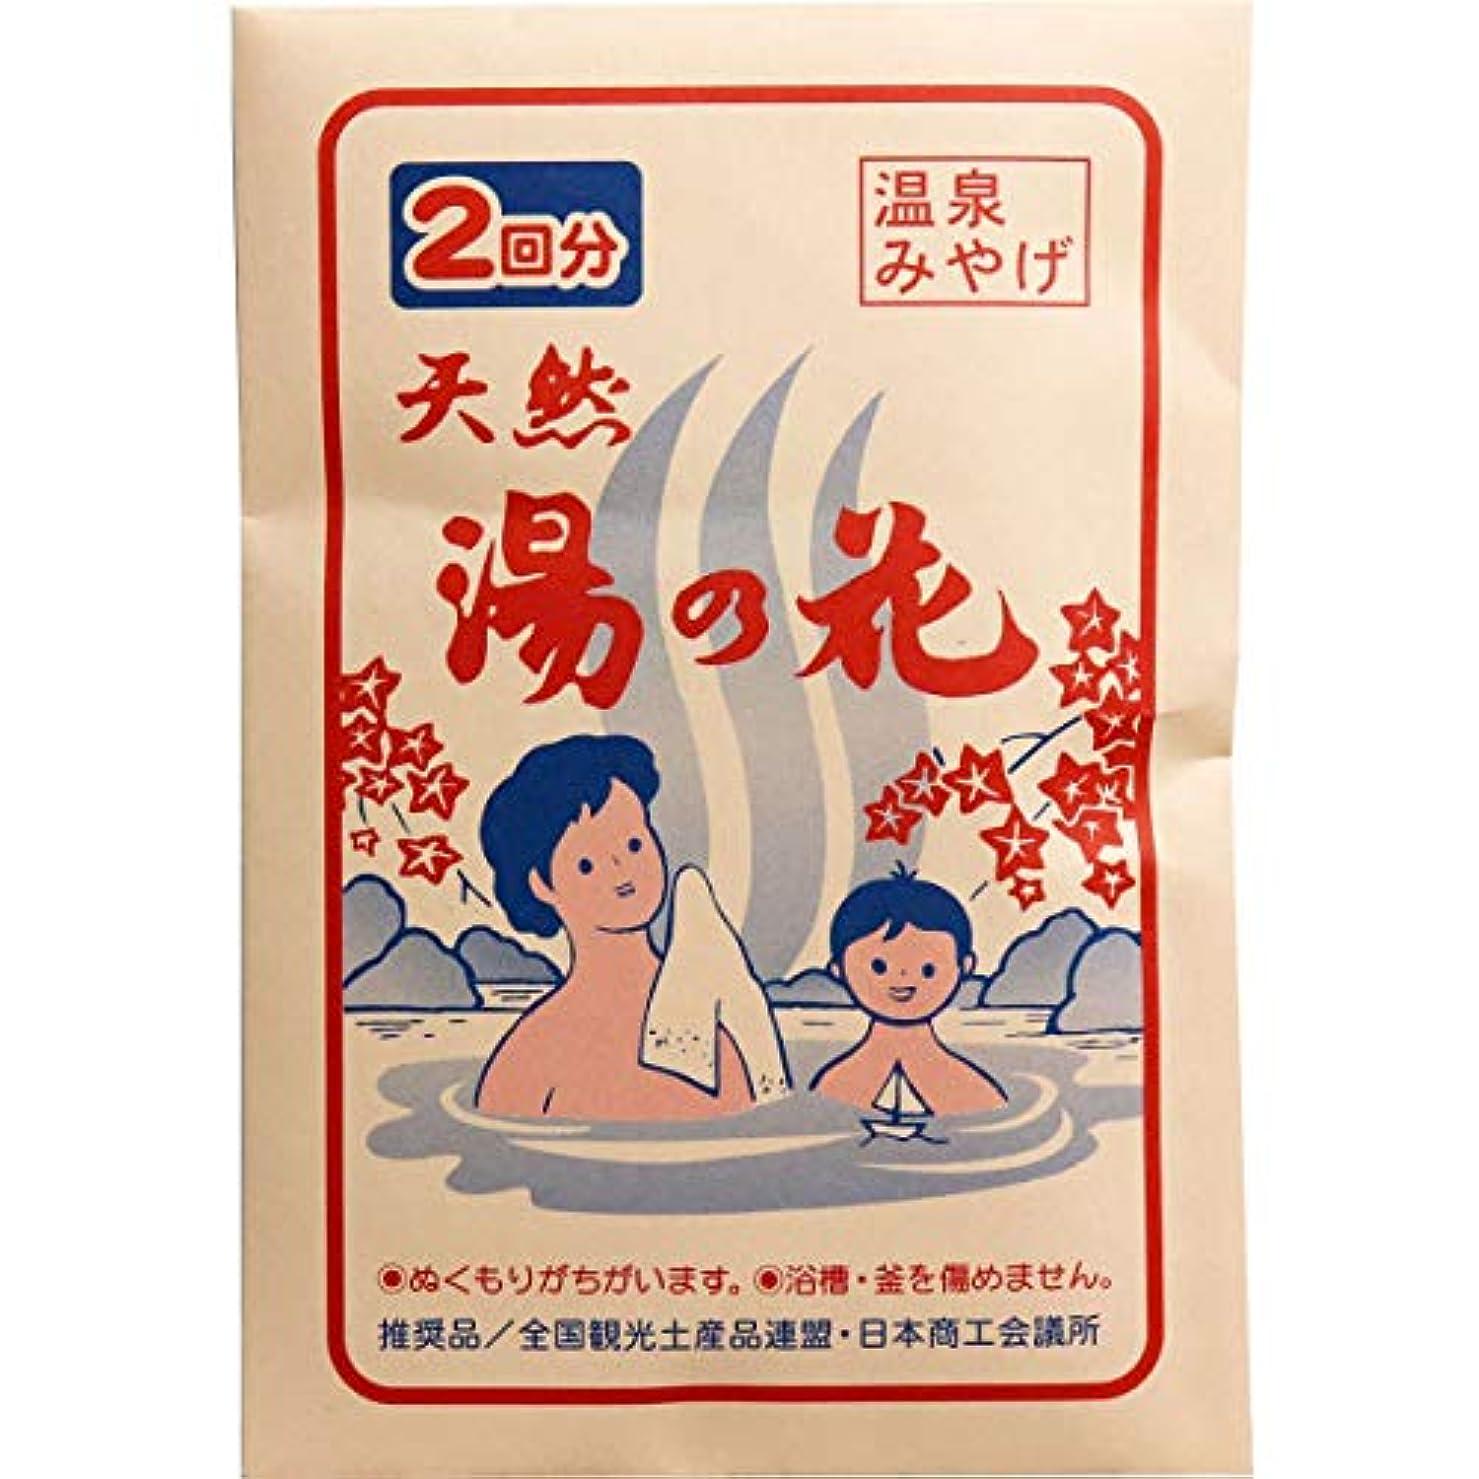 スマッシュメロディー文房具天然湯の花 小袋分包2回分 KA-2 15g×2包入